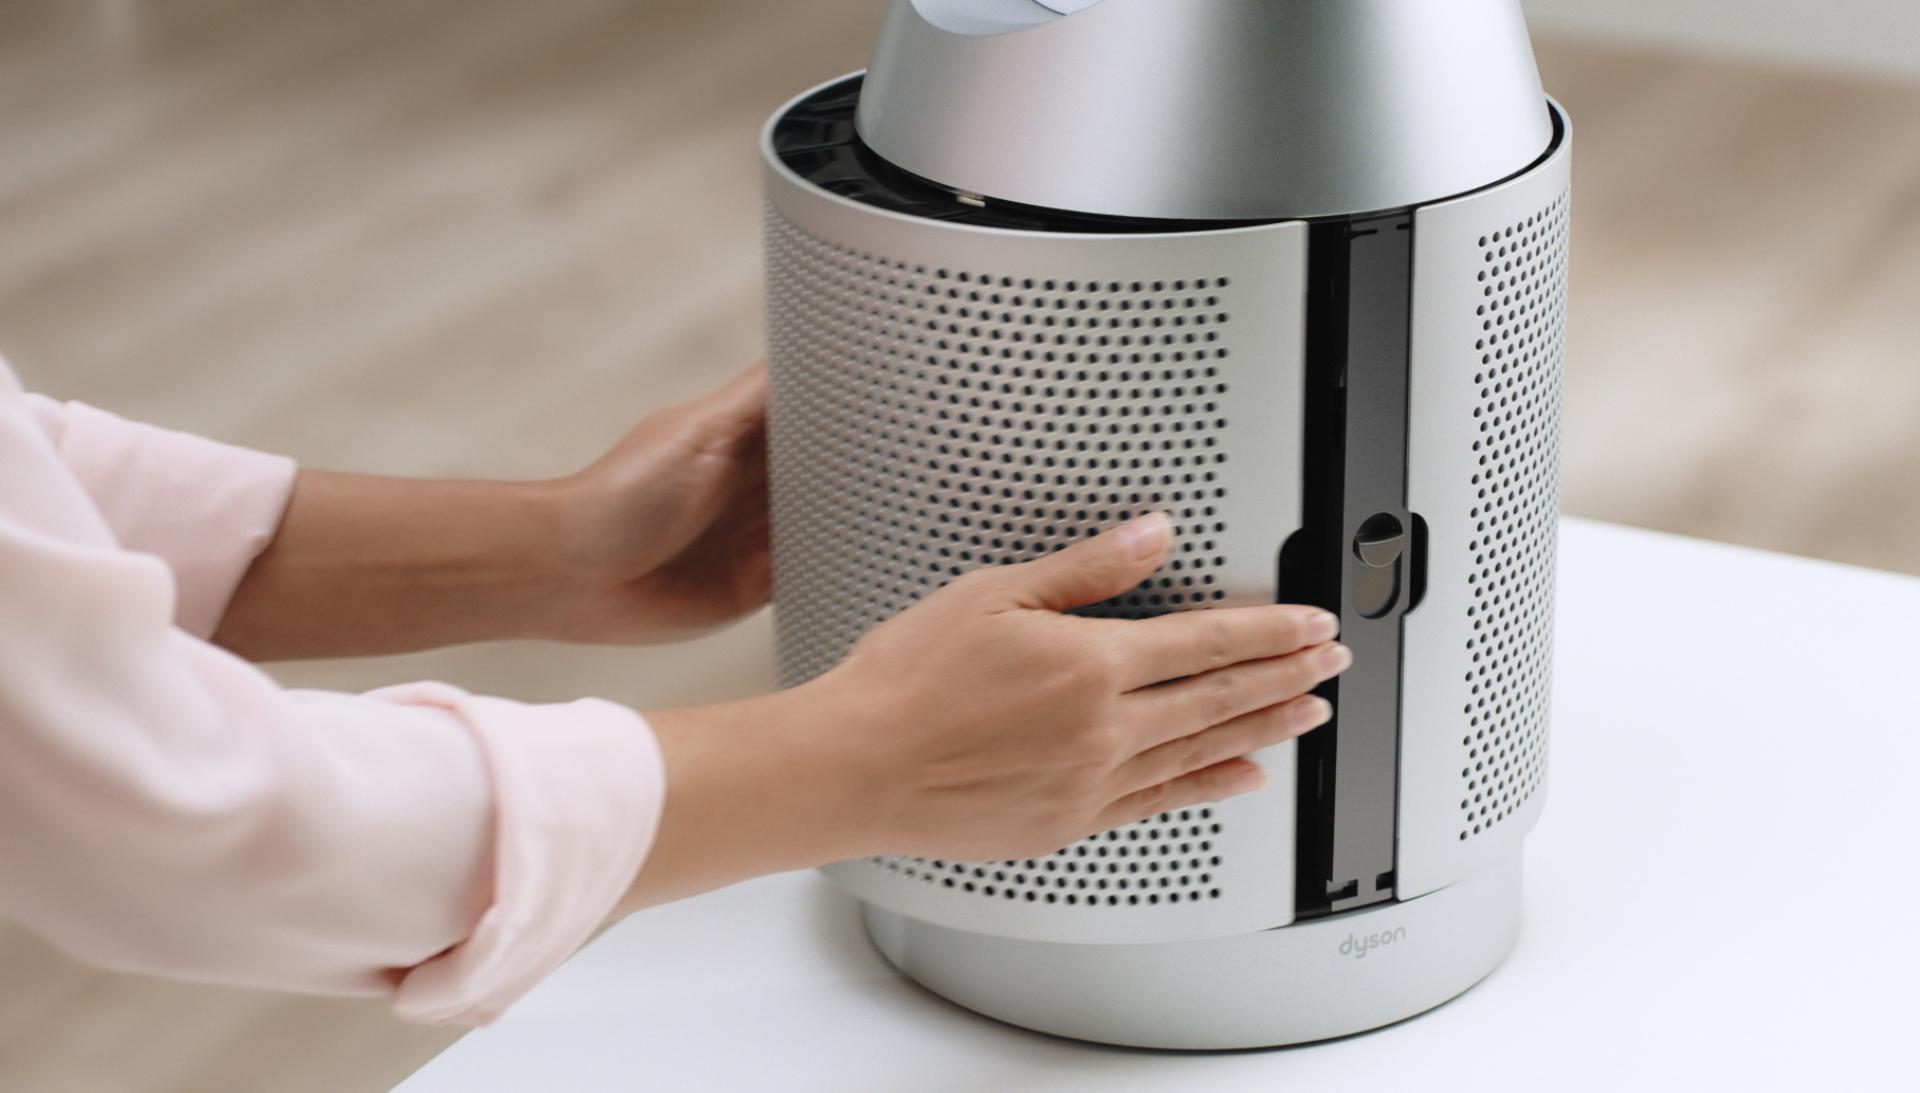 Purifier Hot Cool Filter